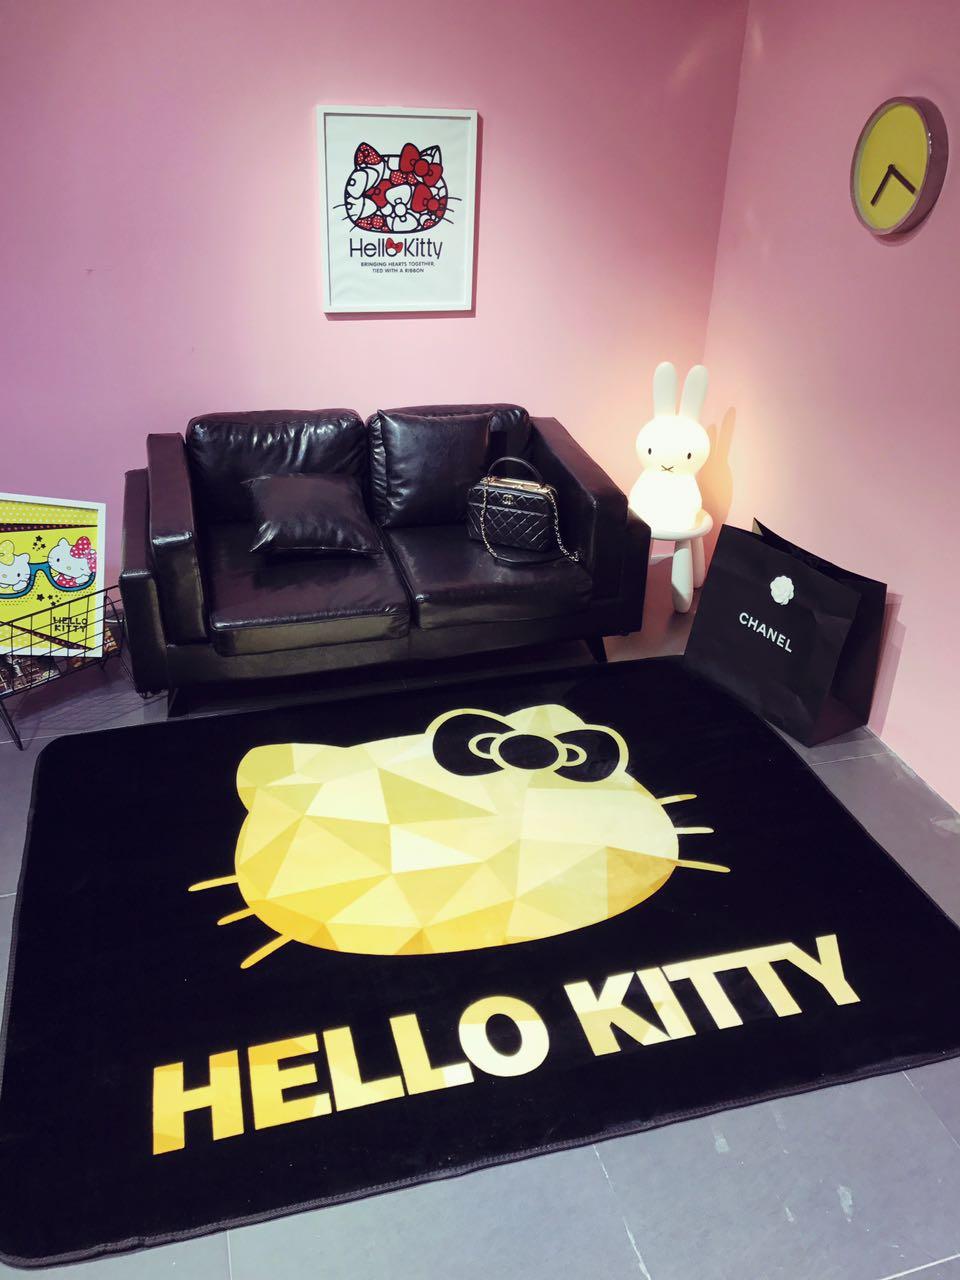 正版Hello Kitty黑金logo 圣诞限量版